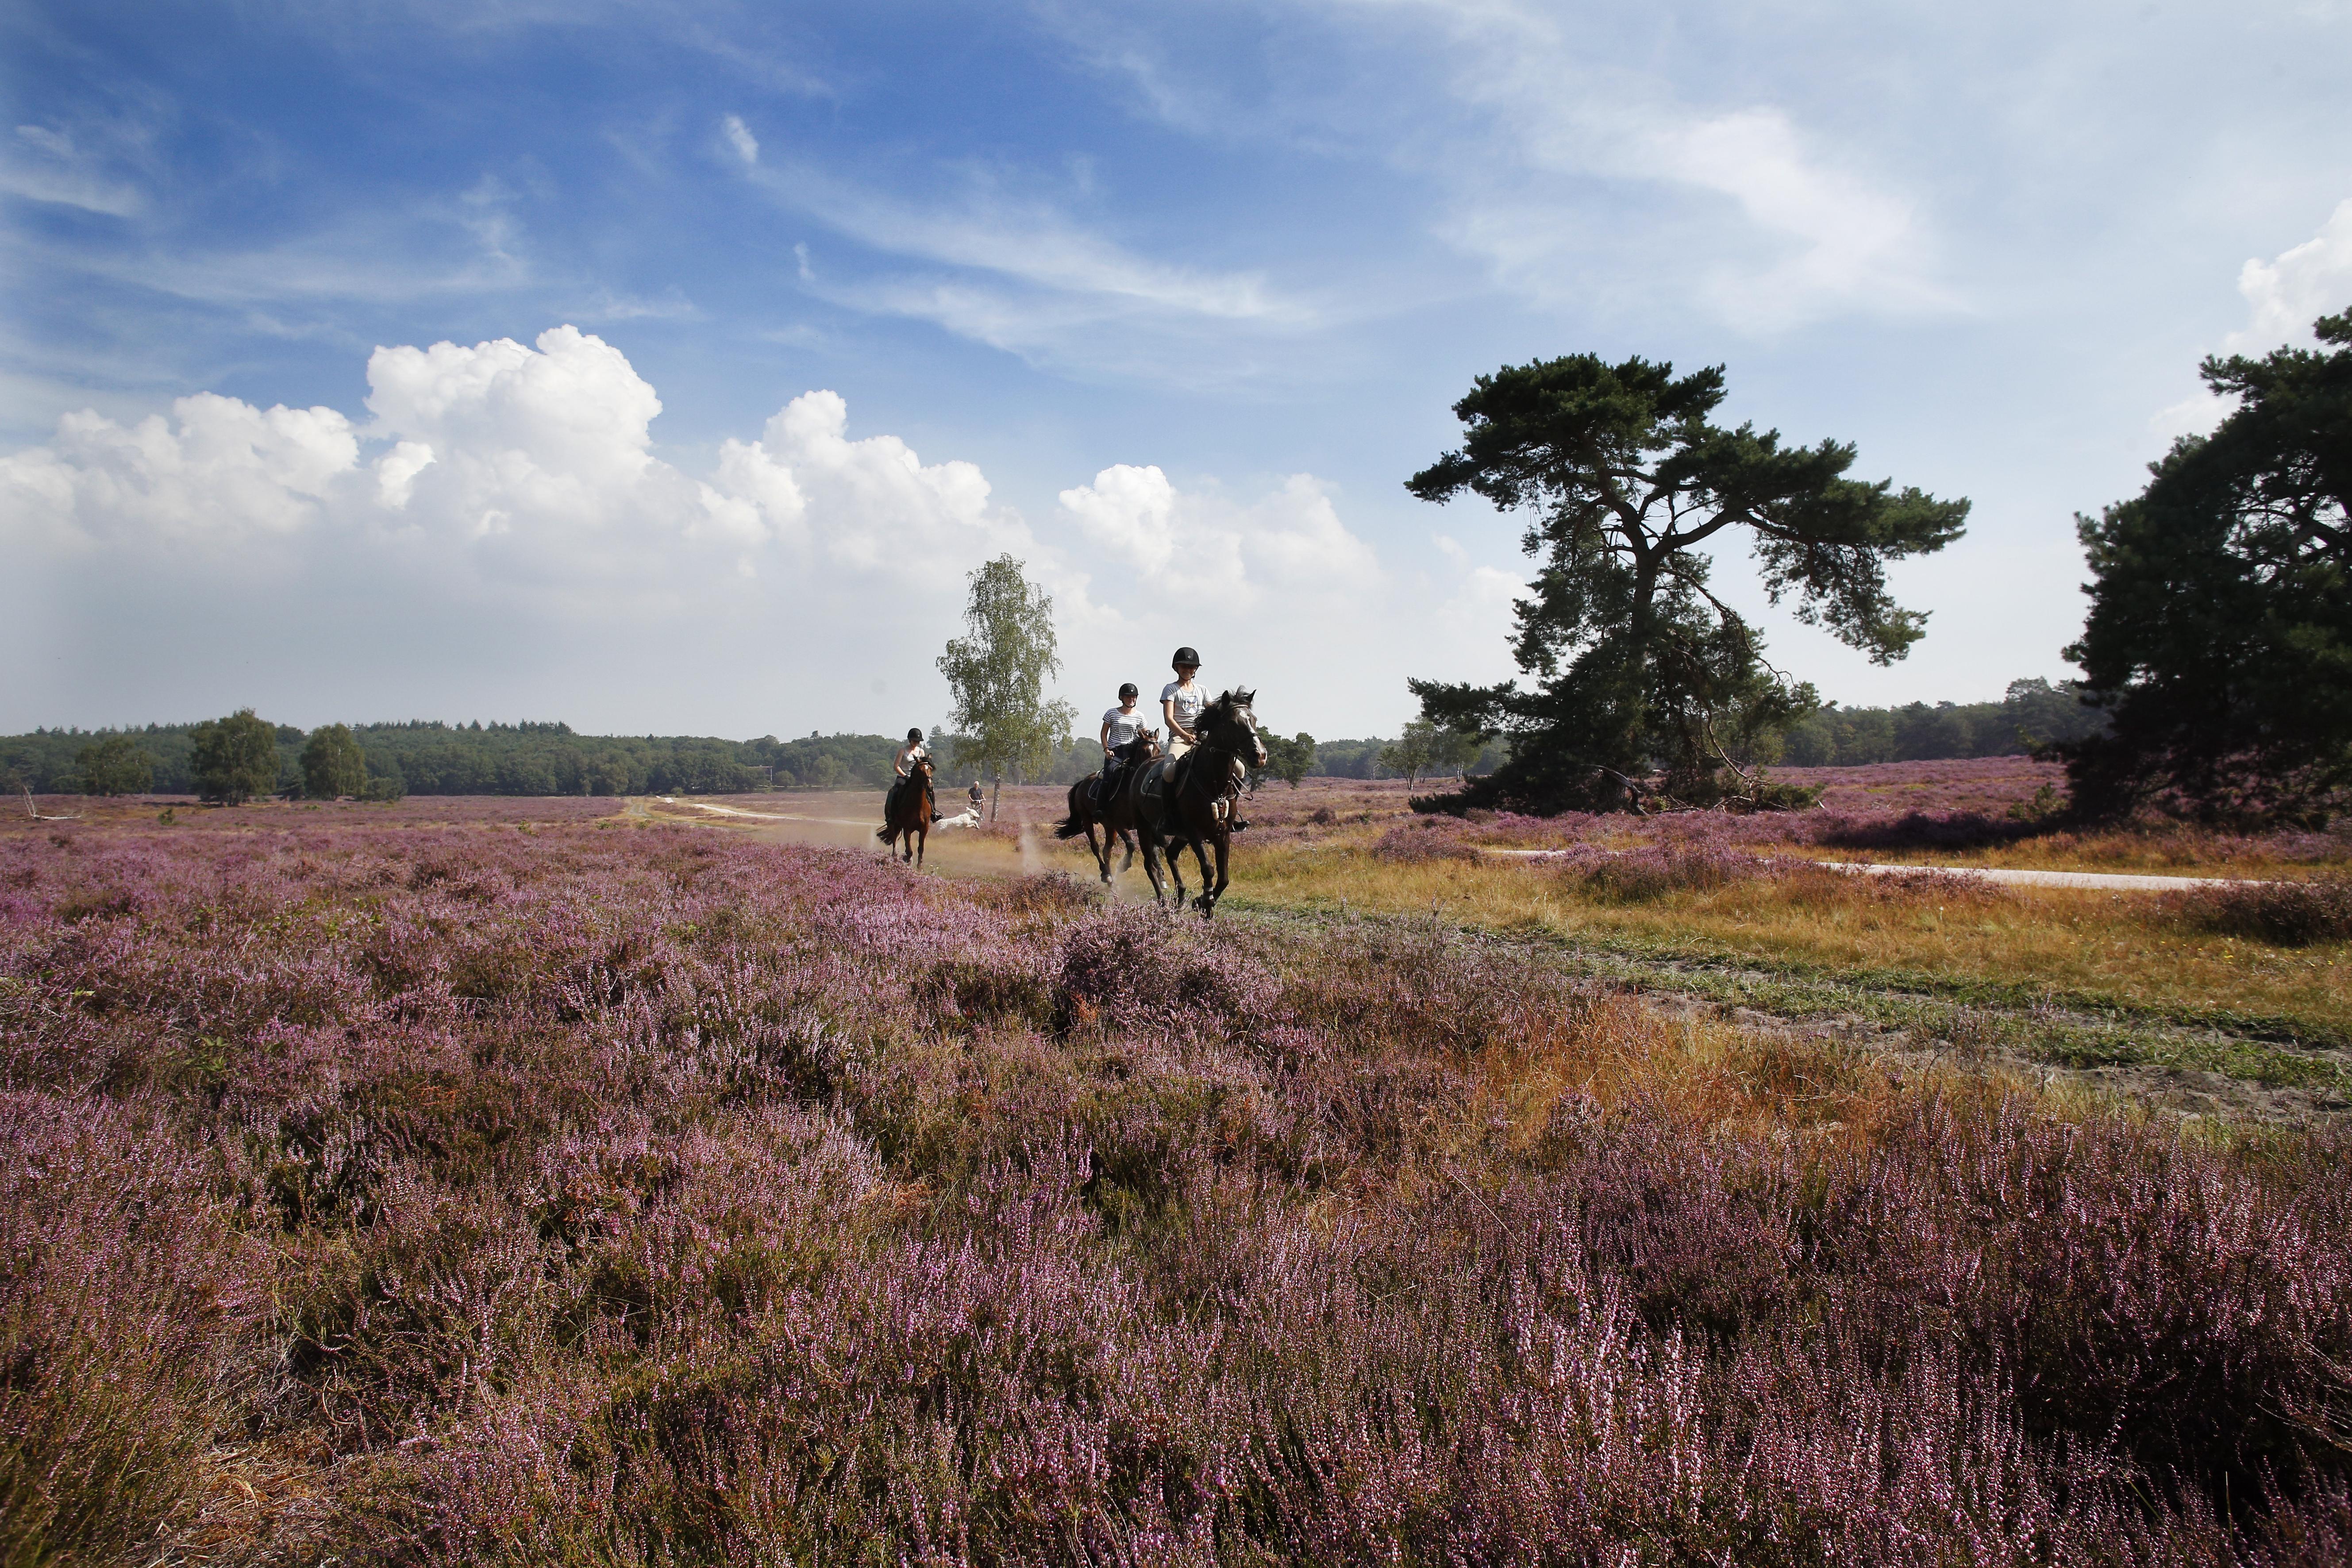 Droogte krijgt geen vat op bloei: heide kleurt weer prachtig paars